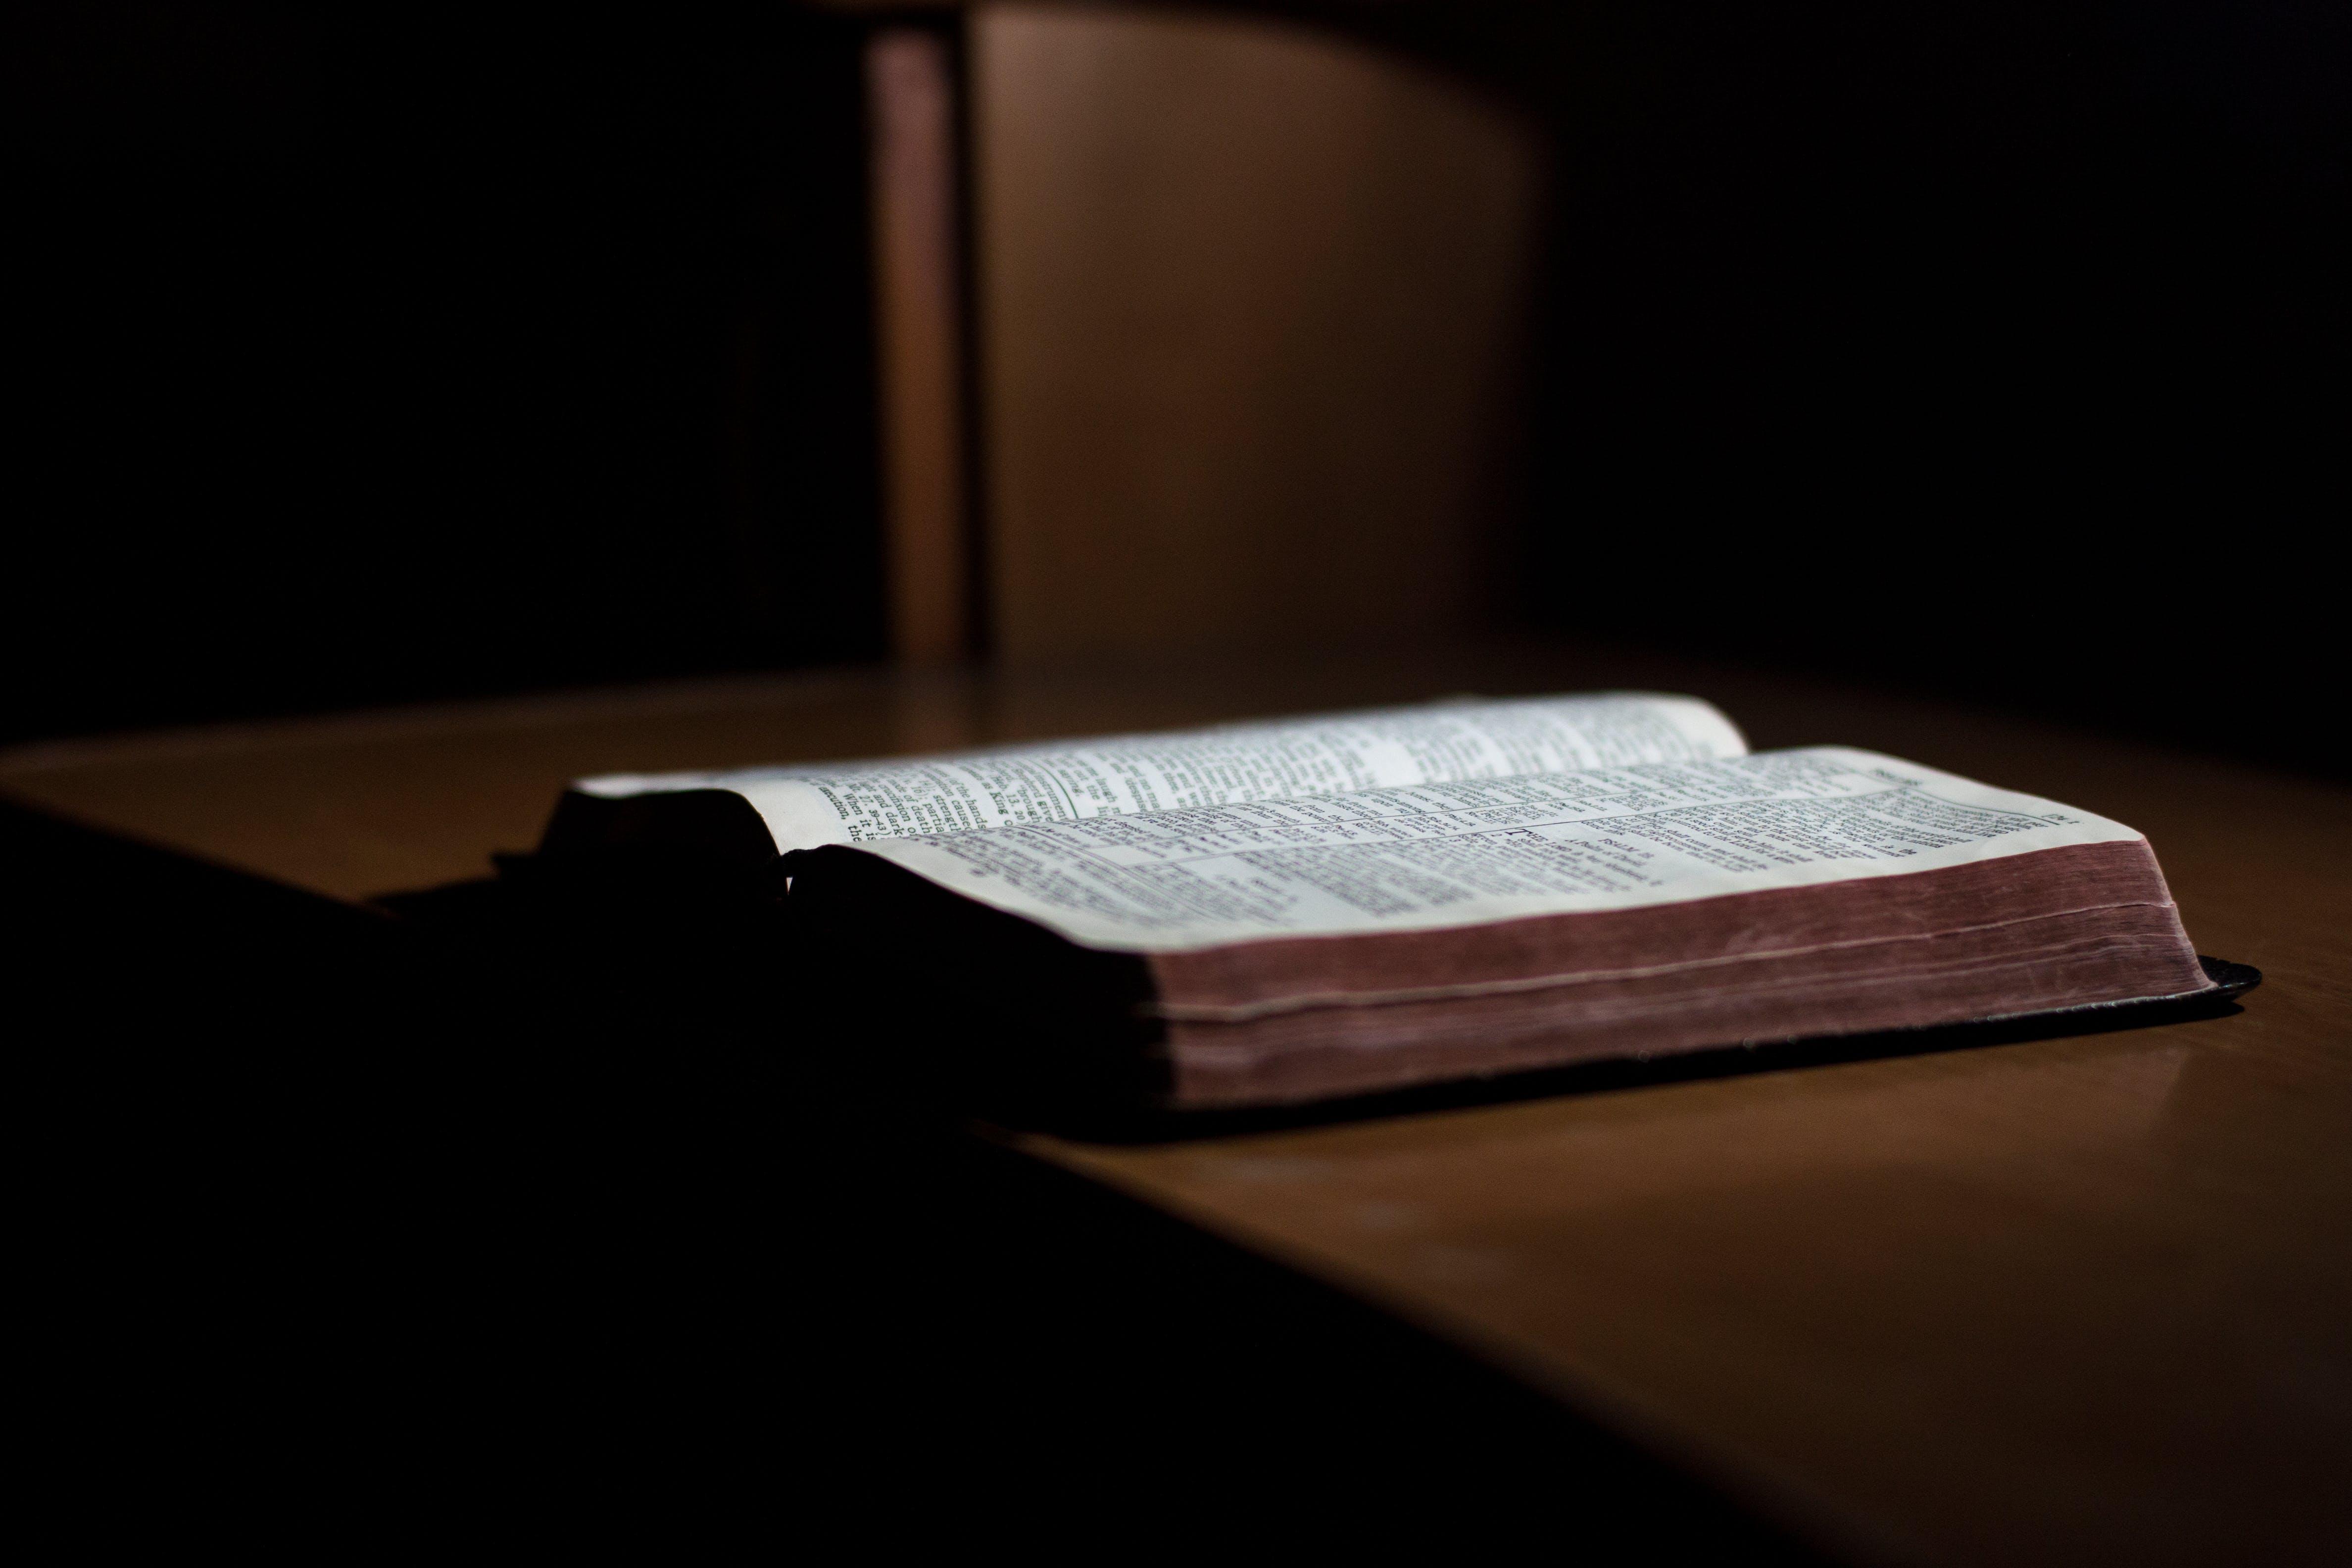 공부하다, 교육, 기독교, 기독교의의 무료 스톡 사진